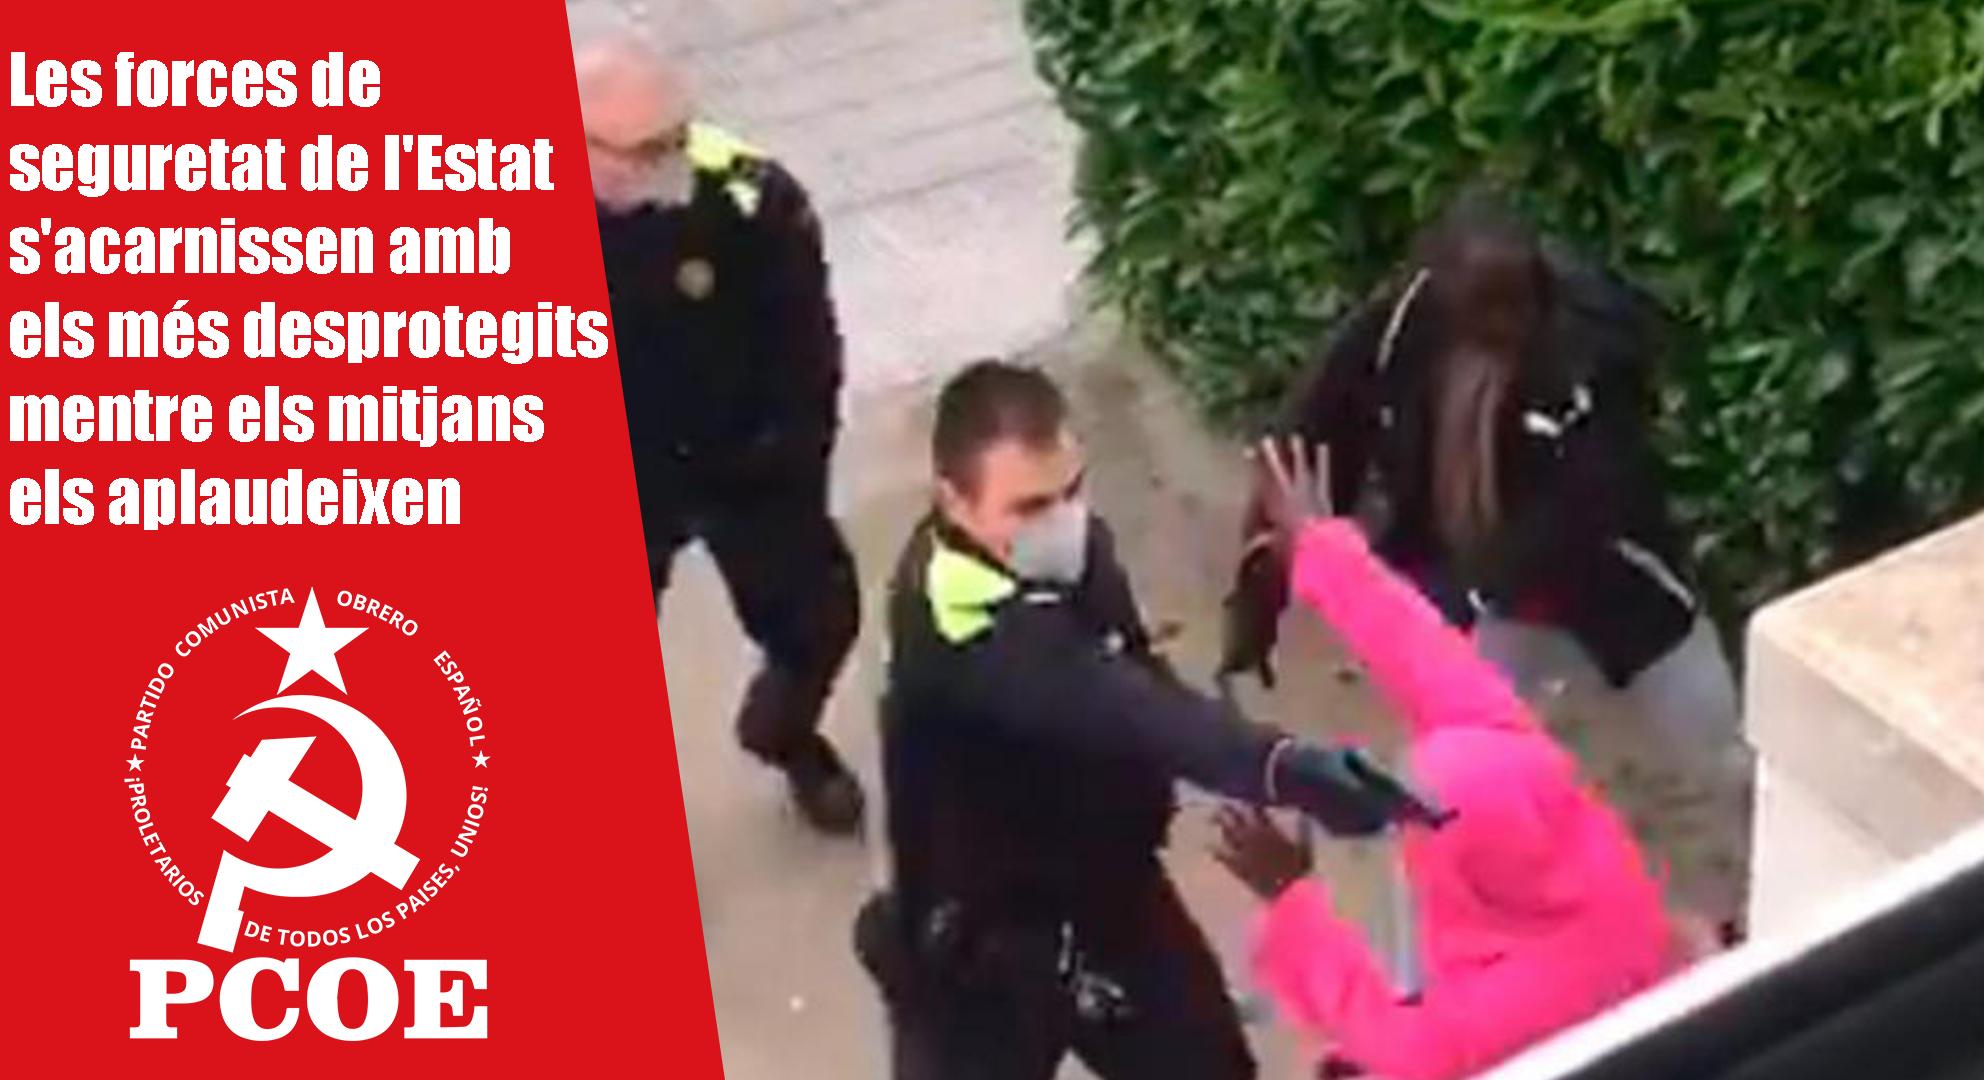 """La Policia Nacional de l'Estat Espanyol té com un dels seus lemes: """"Servir i Protegir"""". Ningú pot posar en dubte aquest lema ja que amb els seus actes demostren dia…"""